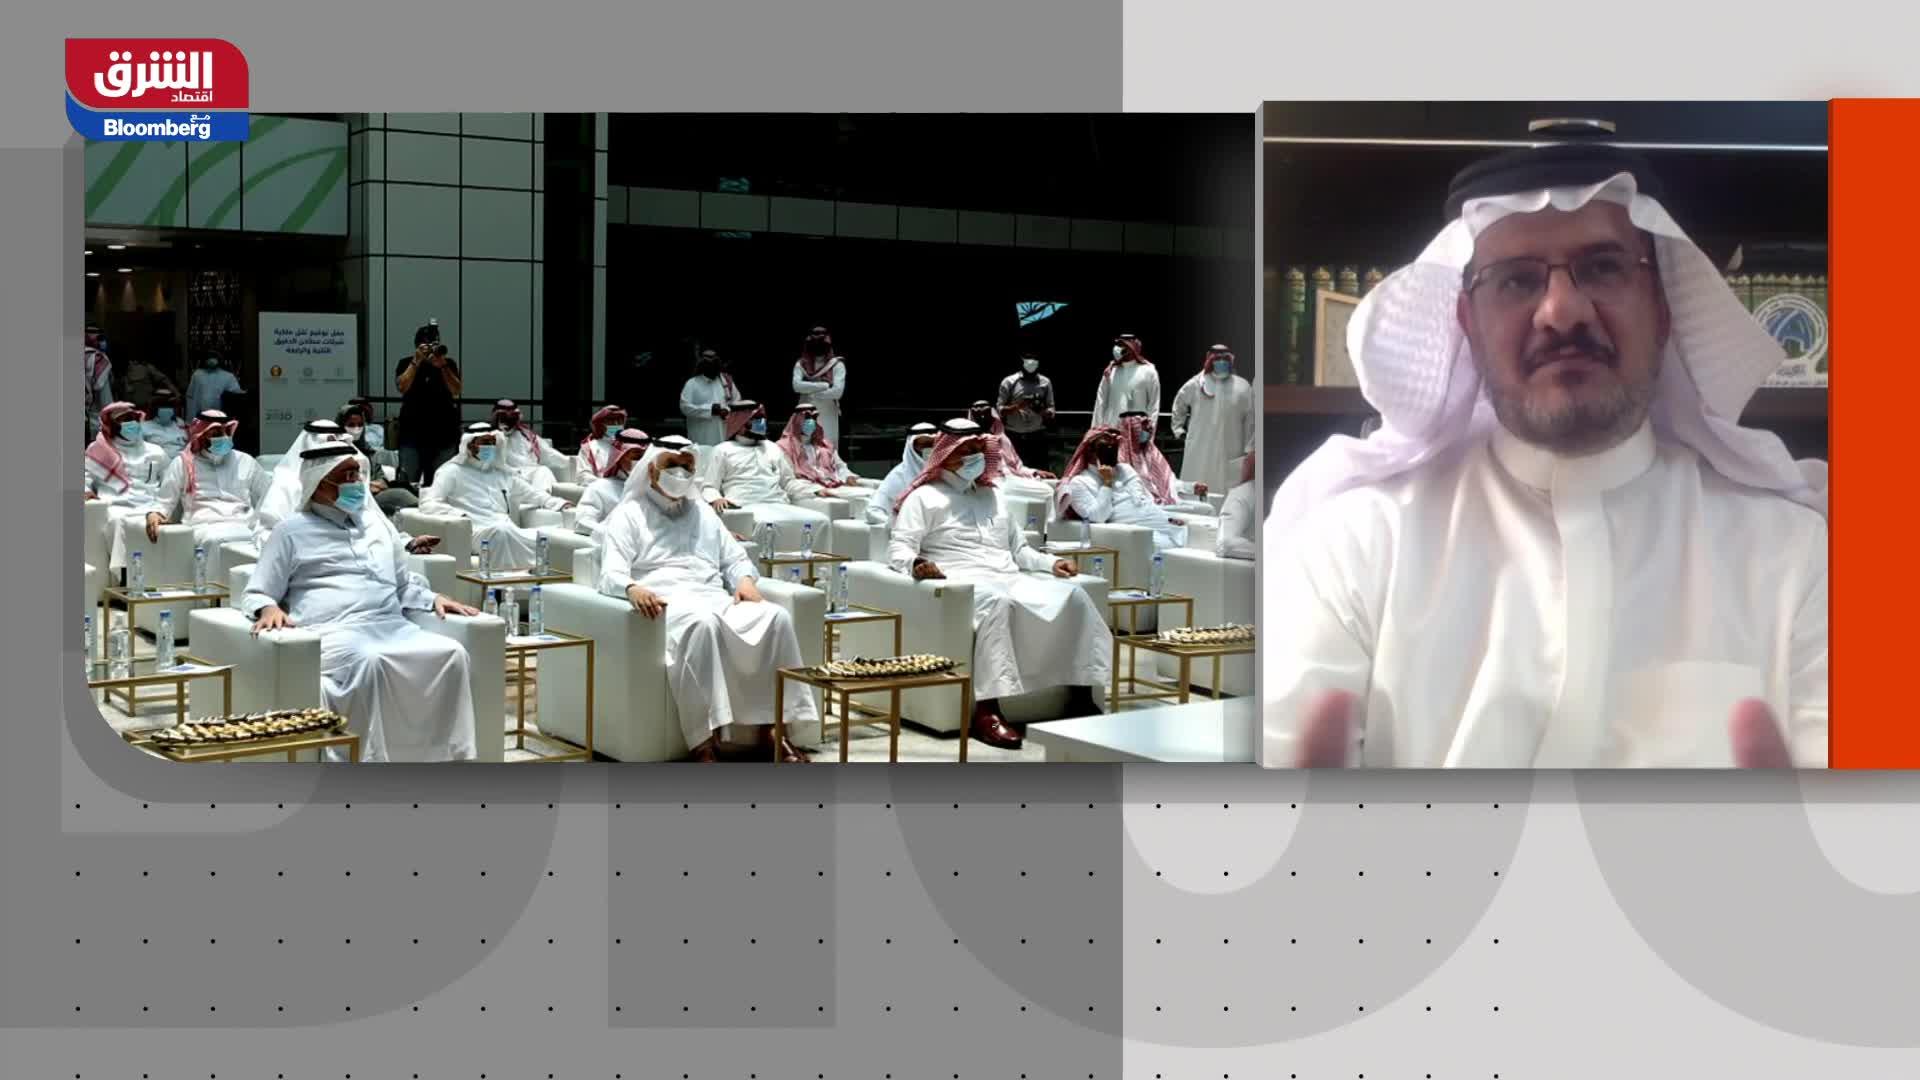 ما القطاعات التي يمكن أن تتم فيها الخصخصة بنفس آلية خصخصة المطاحن في السعودية؟